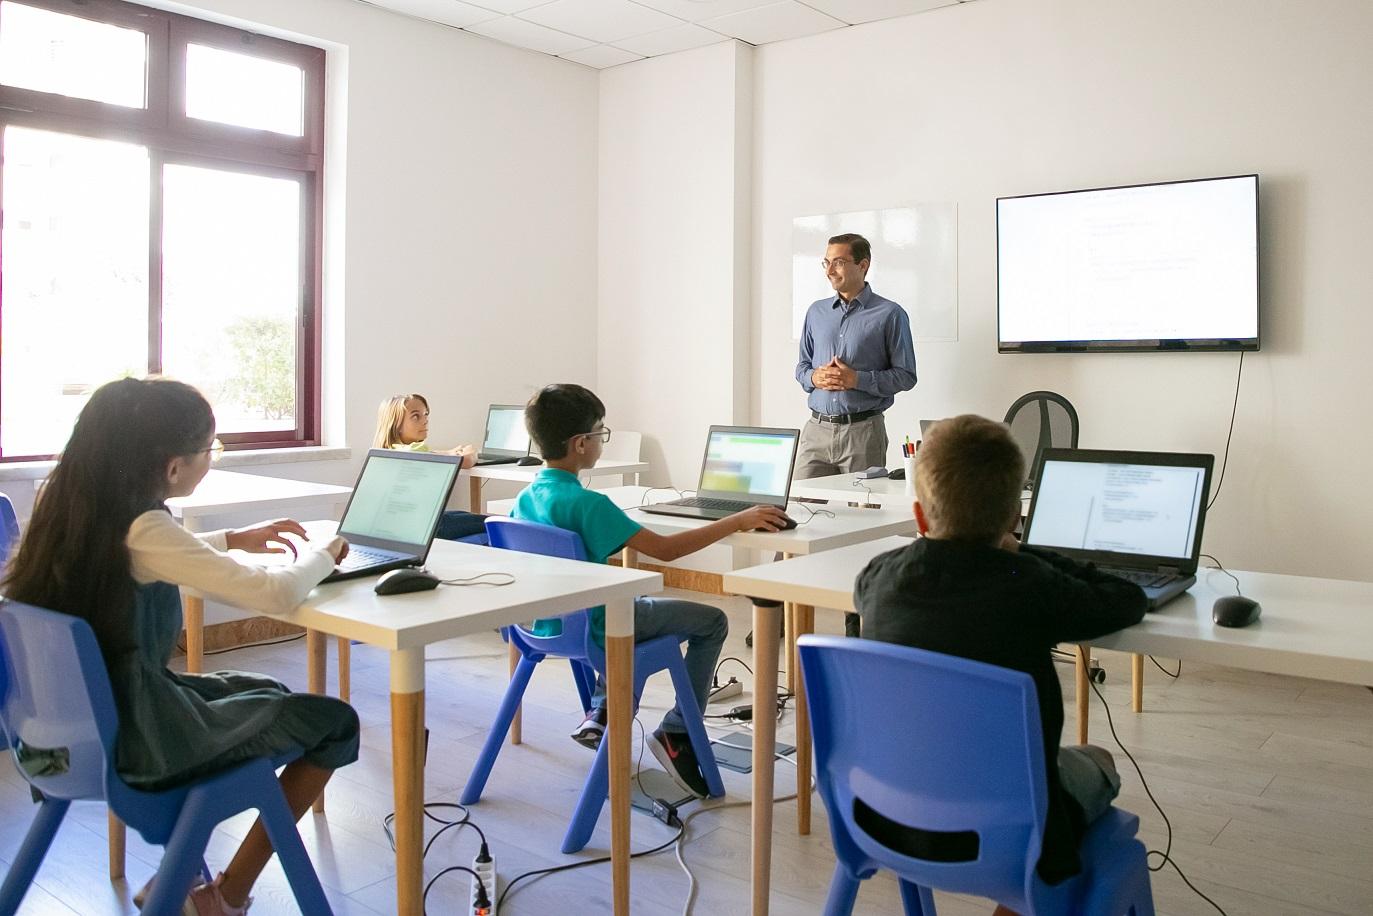 Digitaler Lernraum in einer modernen Schule